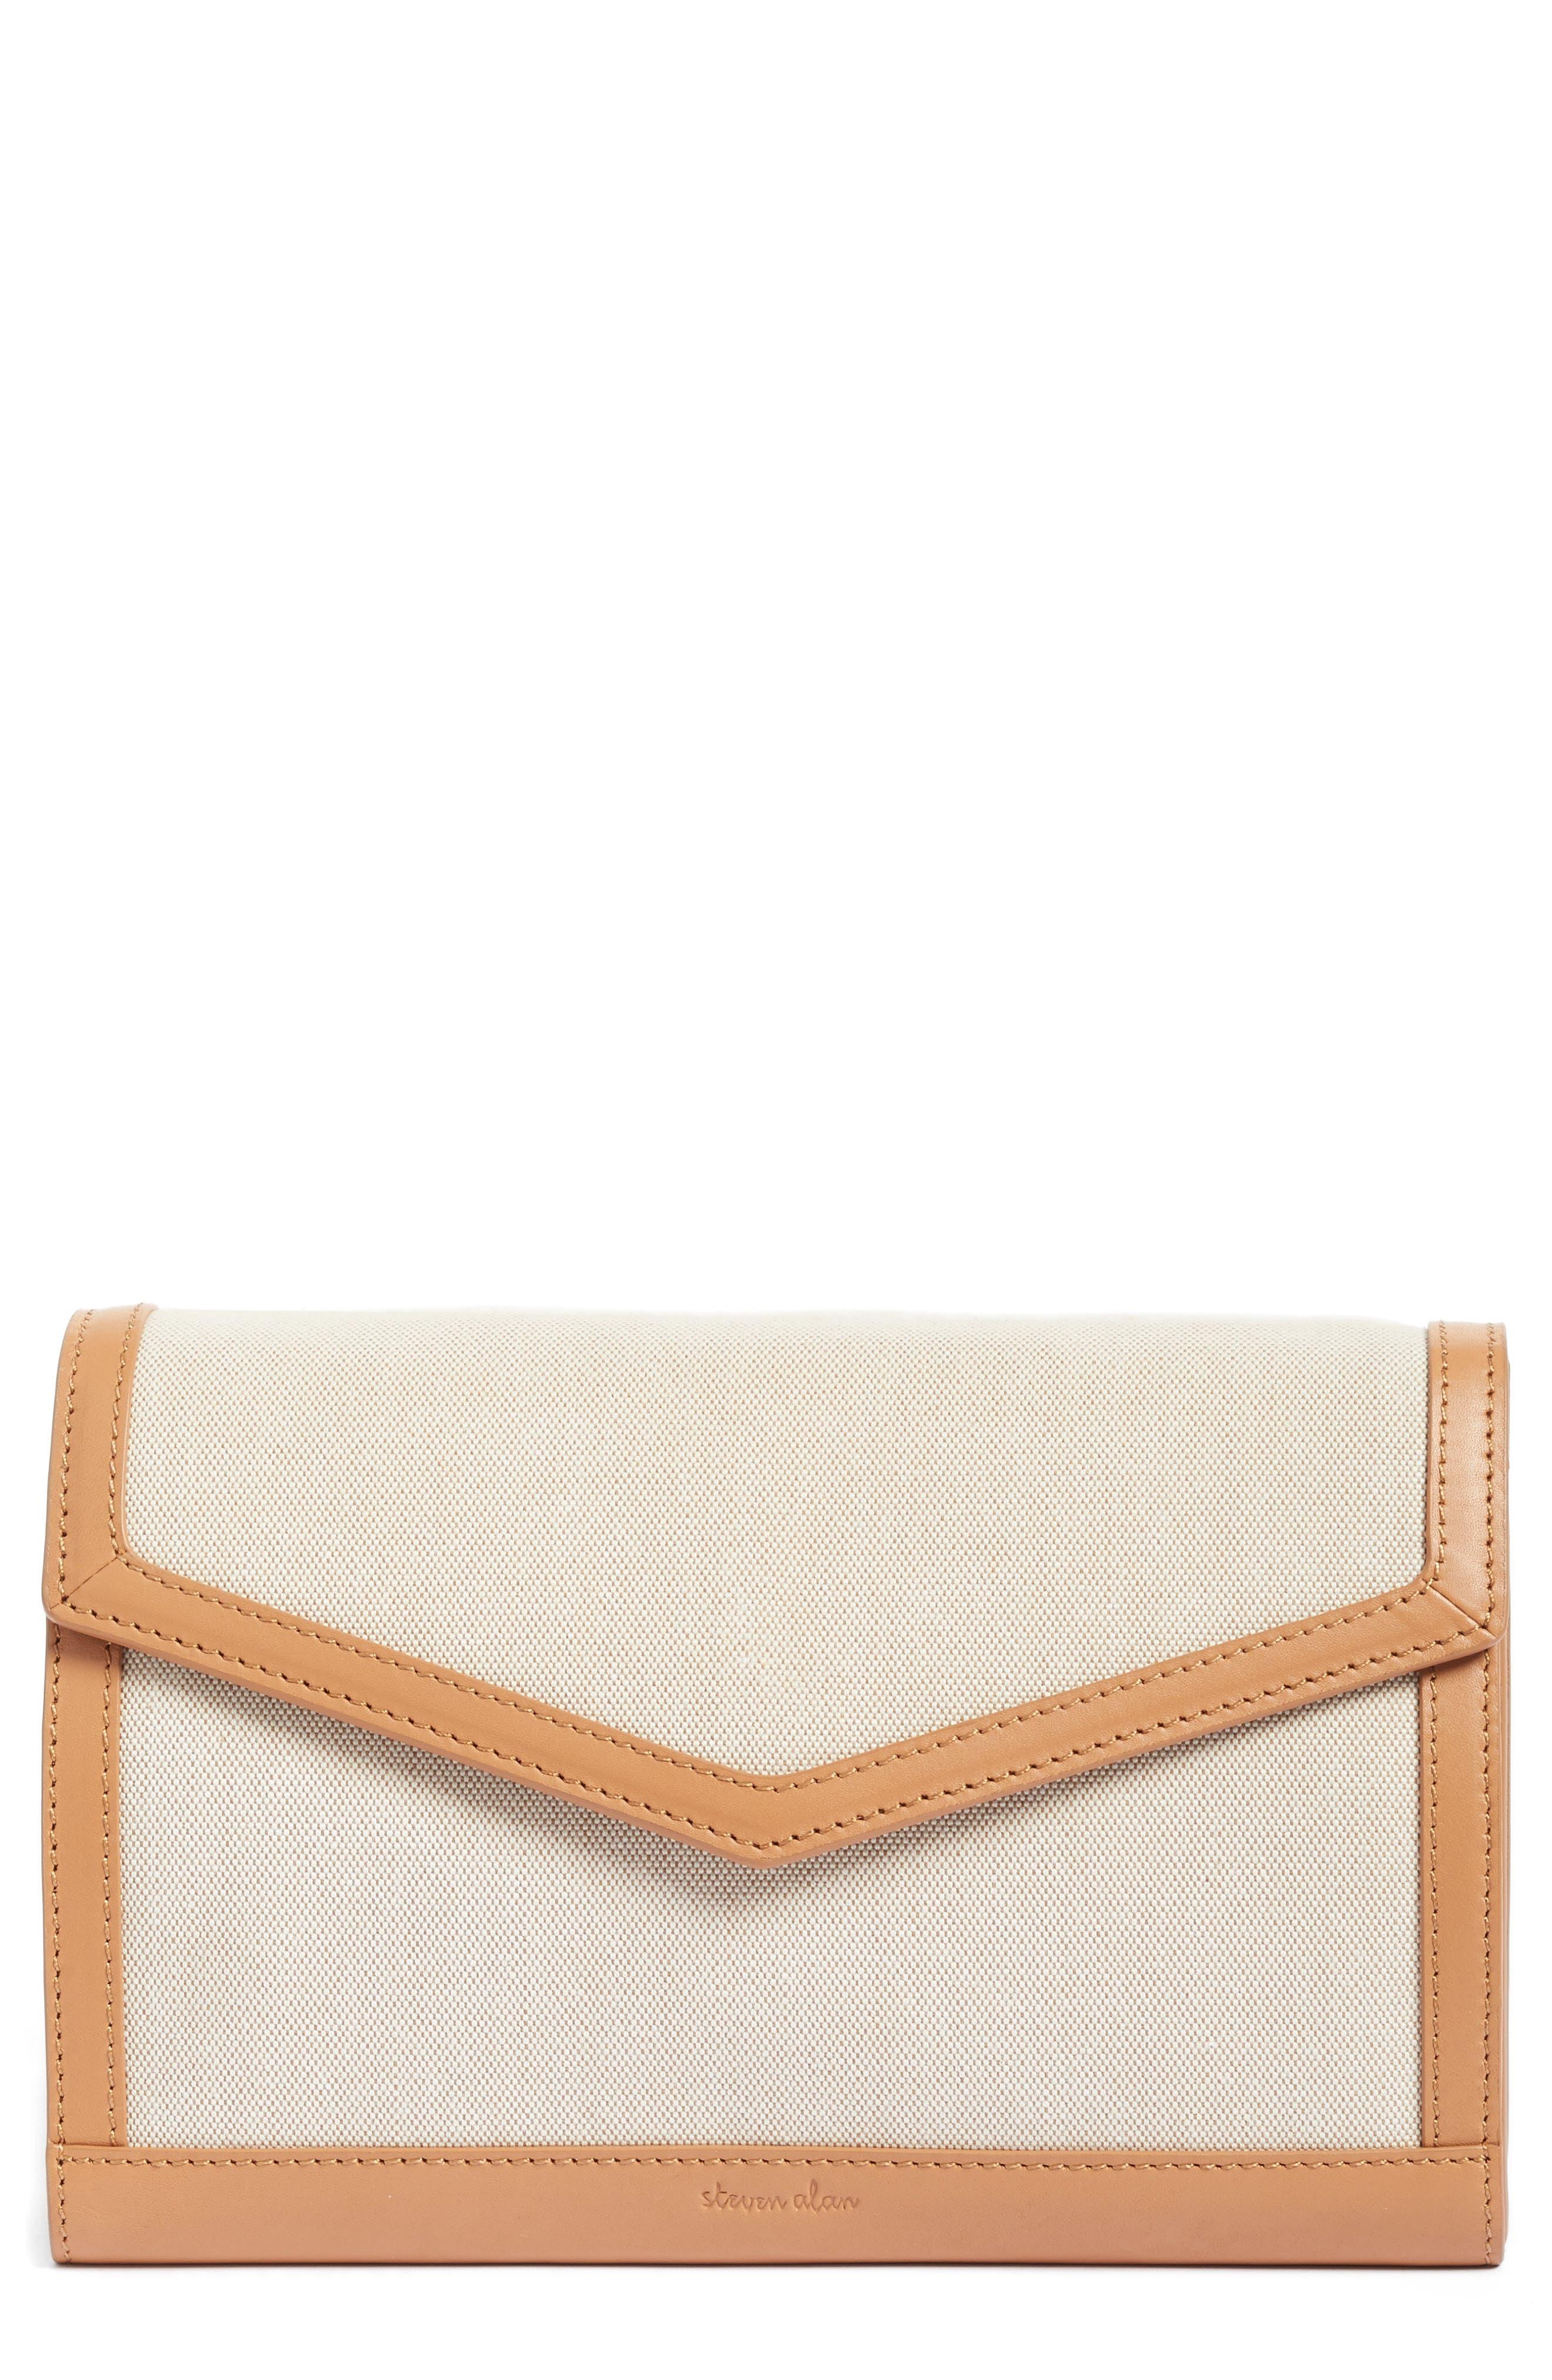 Steven Alan Easton Leather Crossbody Bag